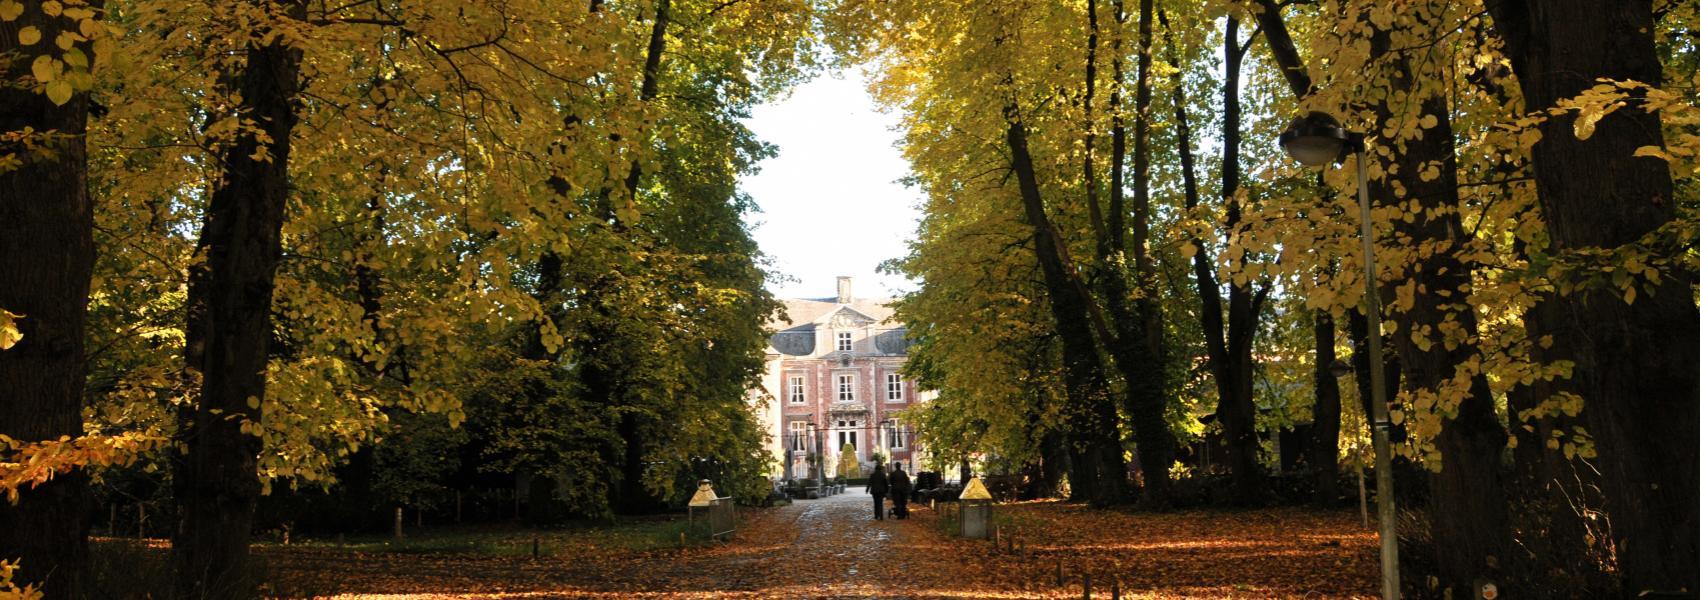 Leut Vilain XIIII - zicht op het kasteel door de bomen heen